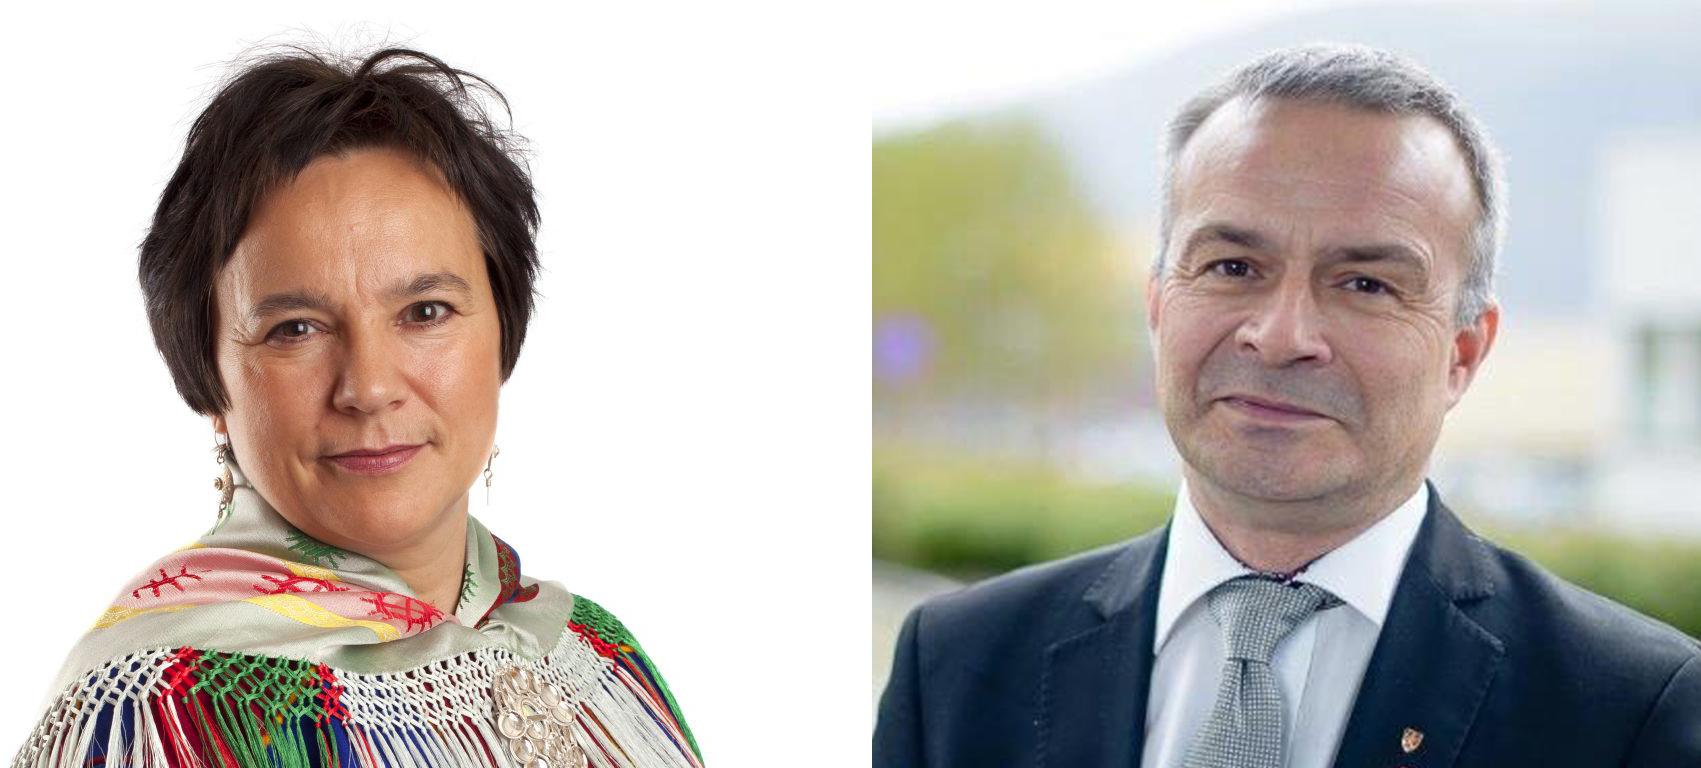 Troms og Finnmark enige om avtale for sammenslåing